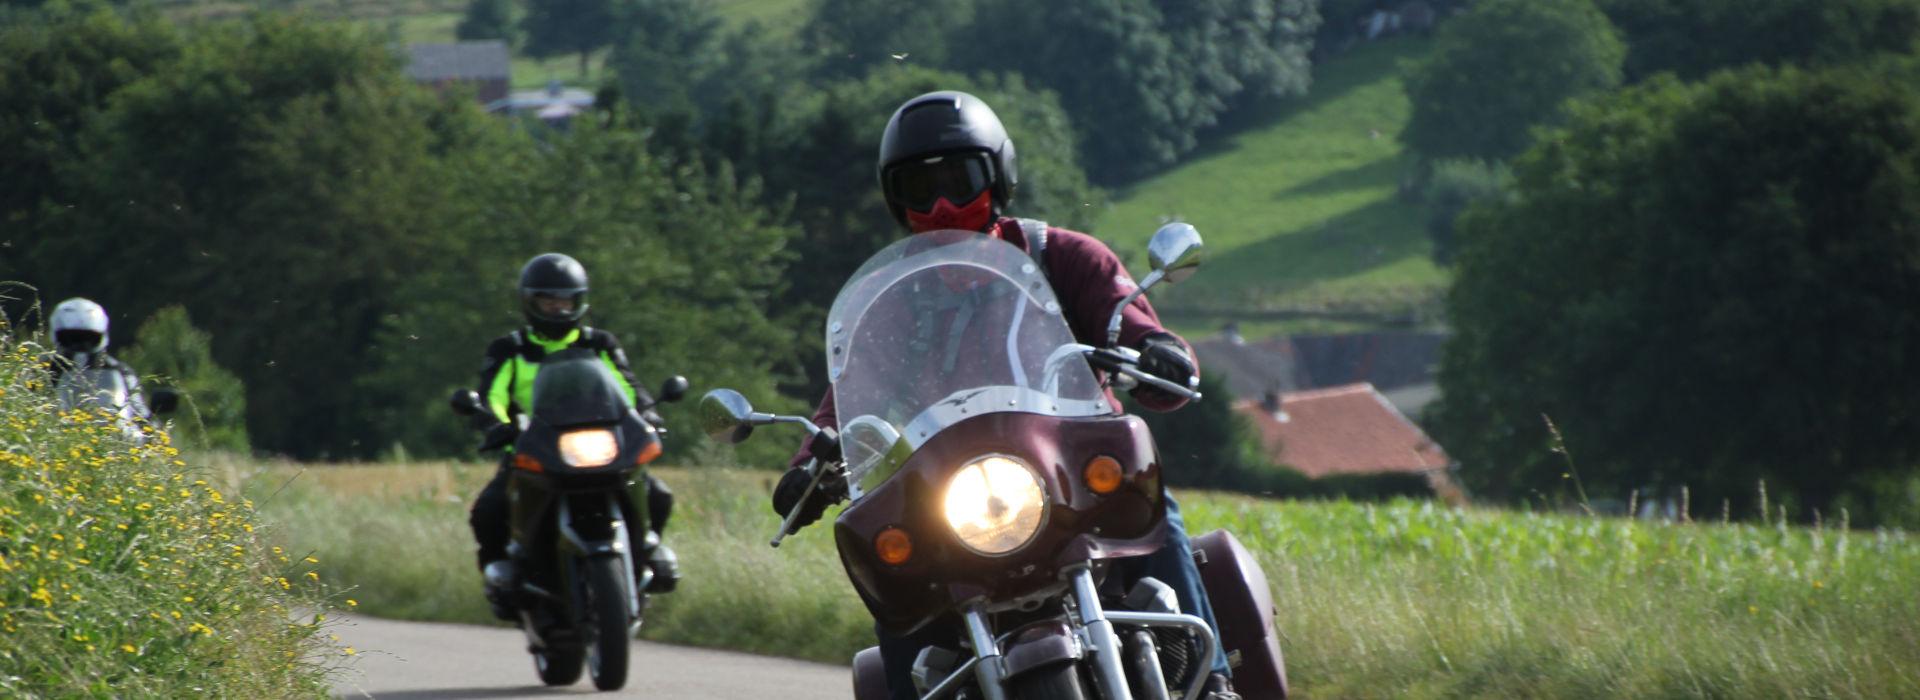 Motorrijschool Motorrijbewijspoint Schipluiden motorrijlessen